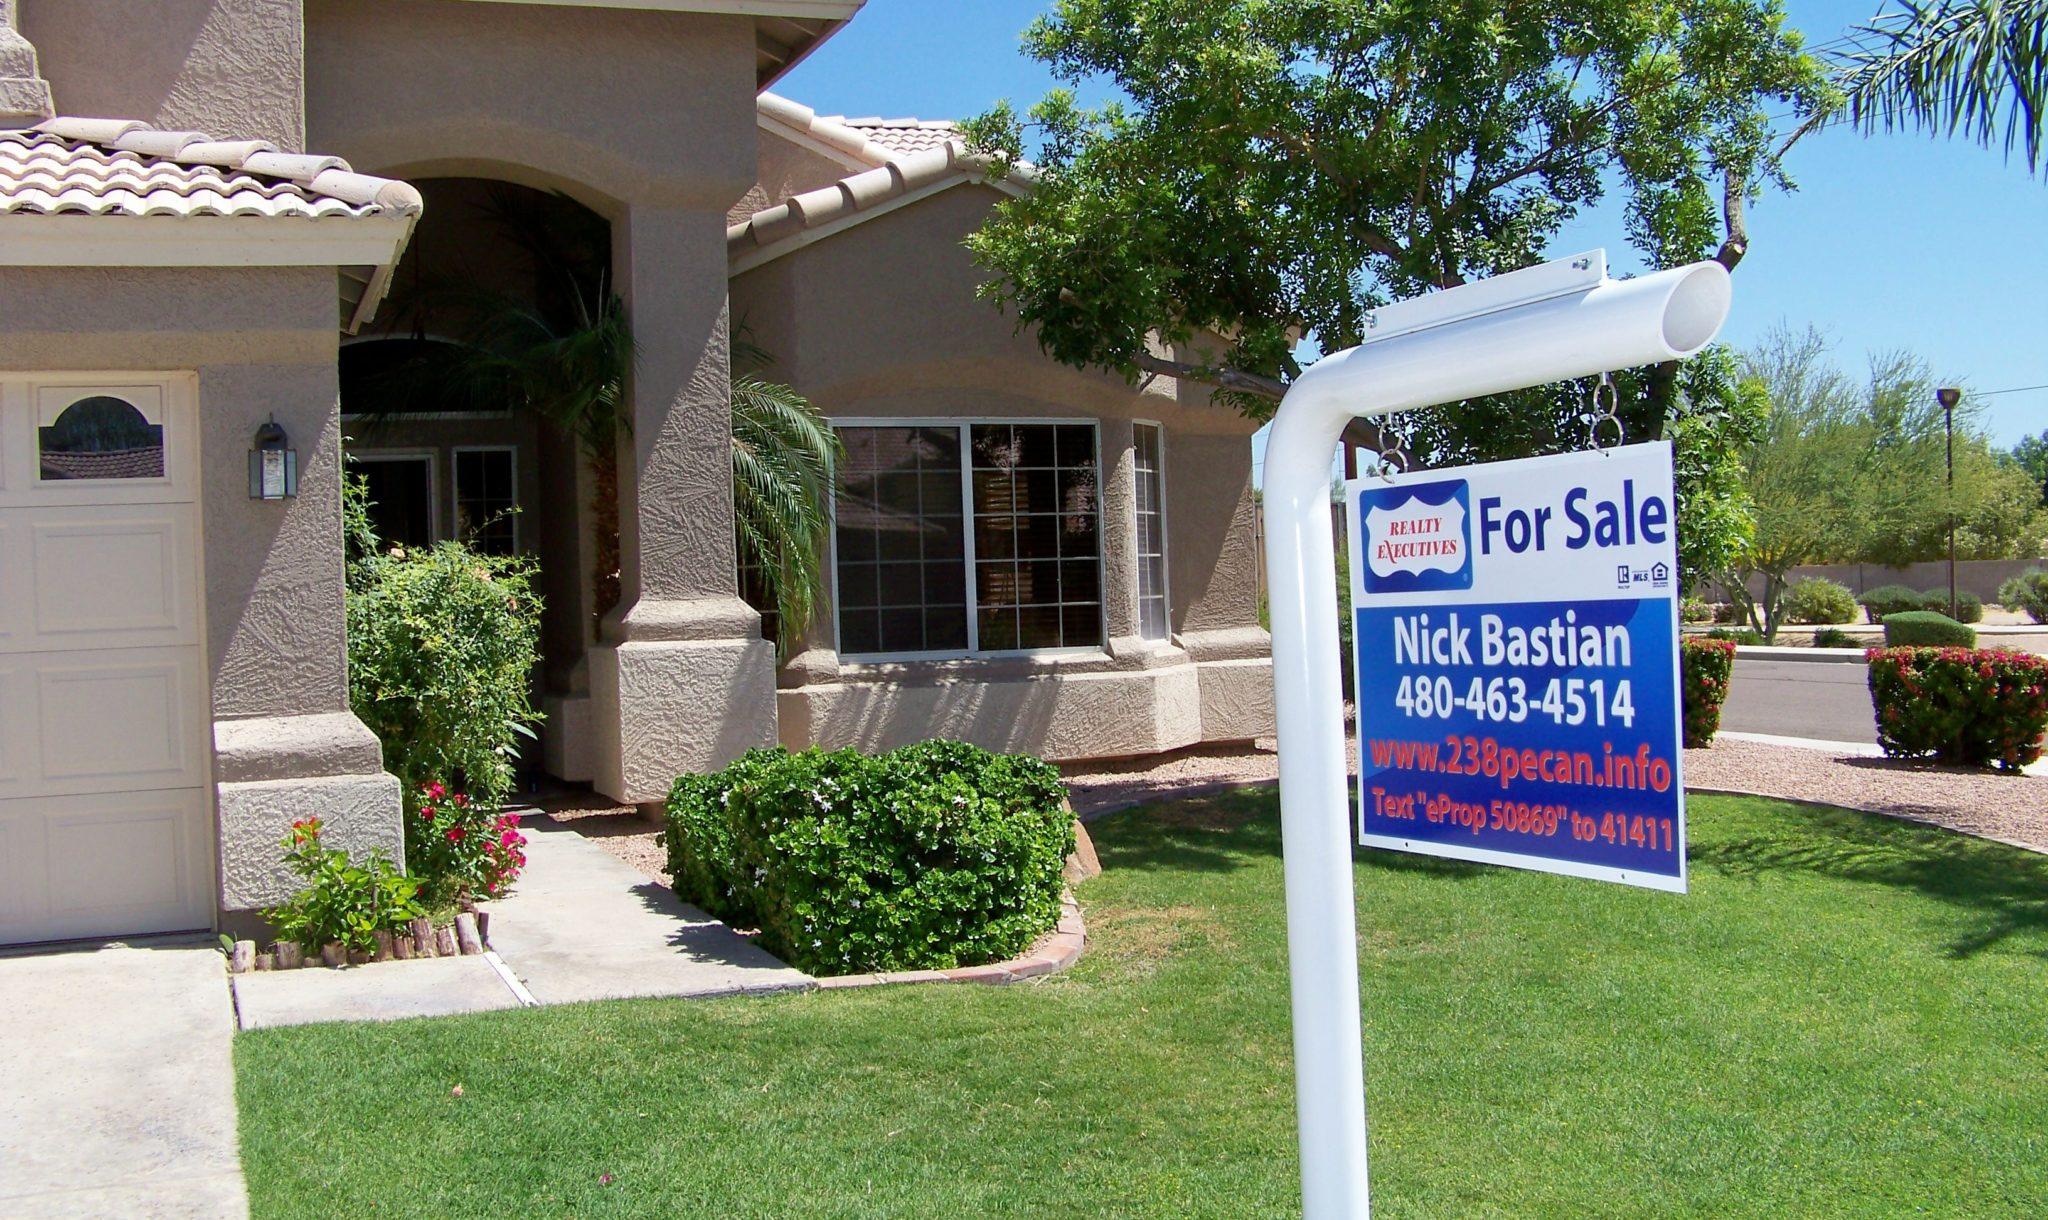 Een huis kopen in de verenigde staten dit komt erbij kijken for Huis te koop in amerika